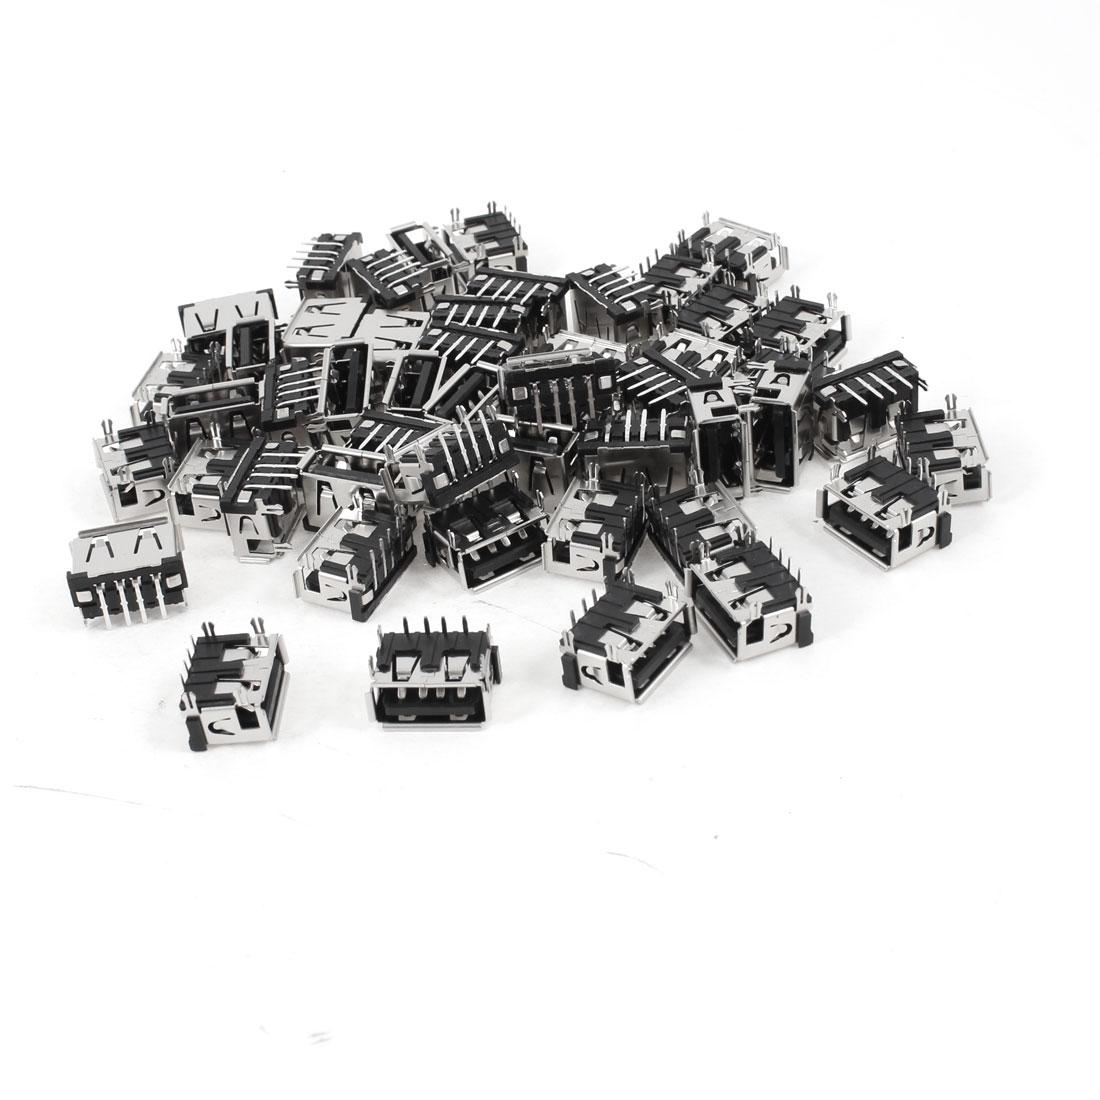 50 Pcs Single USB 2.0 Type A 90 Degree 4-Pin DIP Female Jack Socket